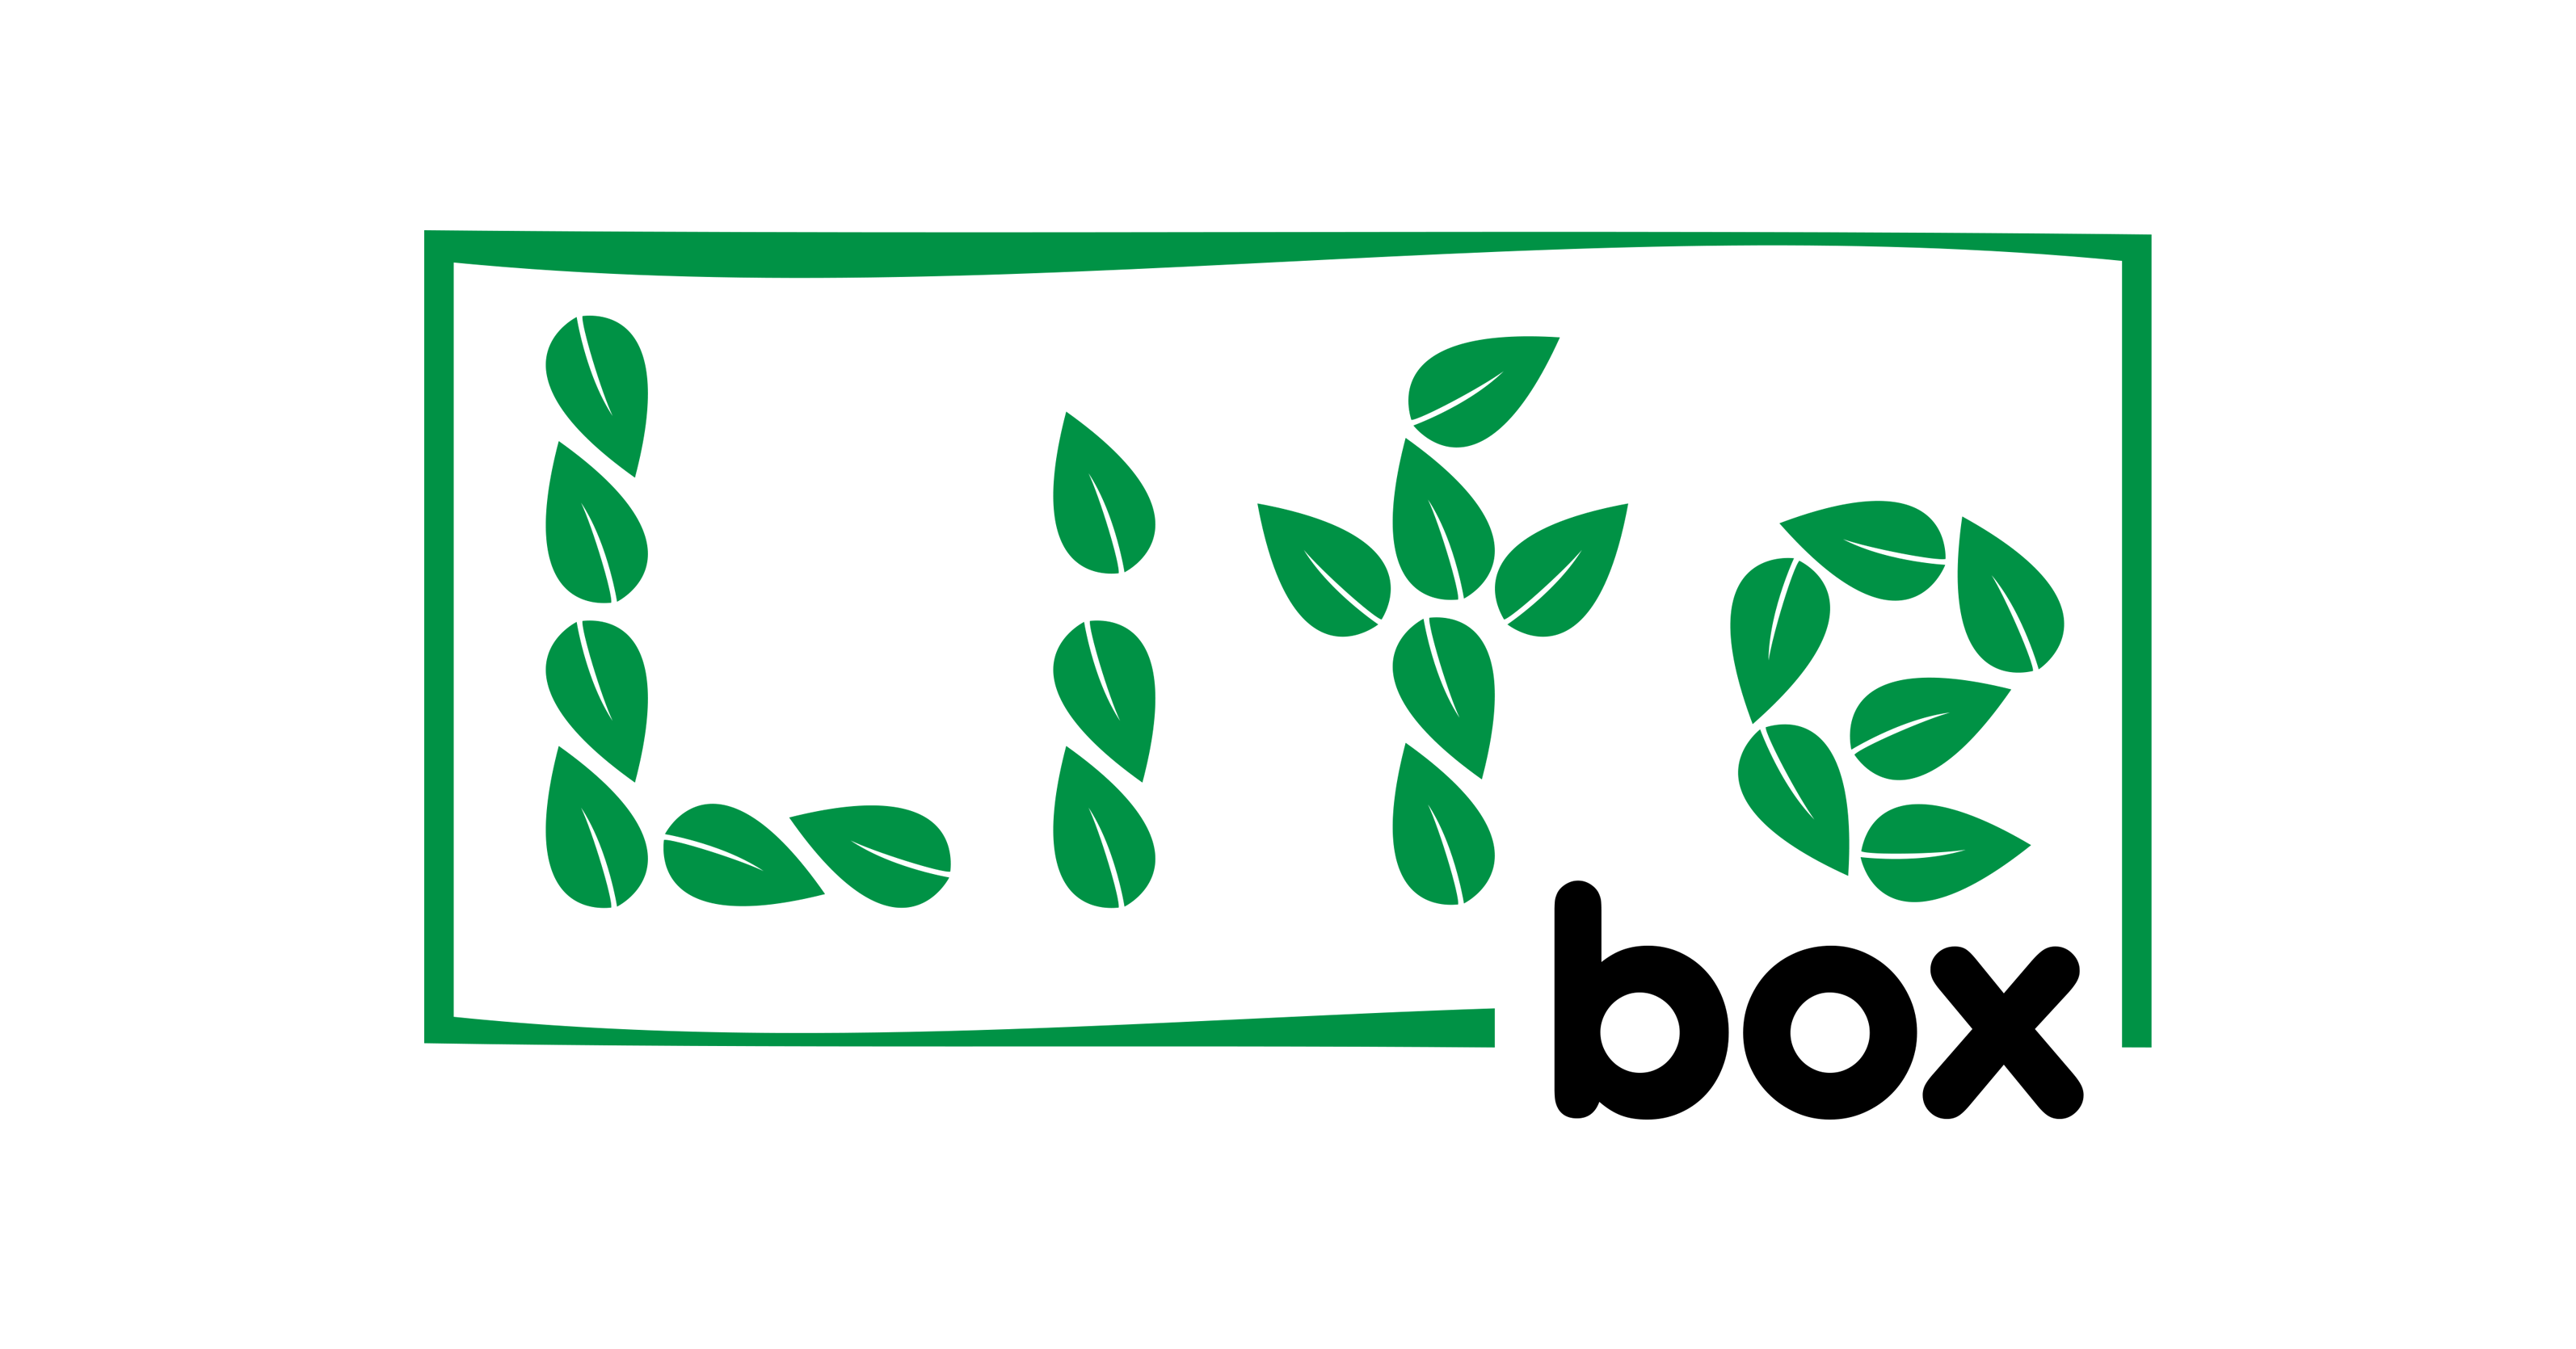 Разработка Логотипа. Победитель получит расширеный заказ  фото f_0625c348fc229919.png